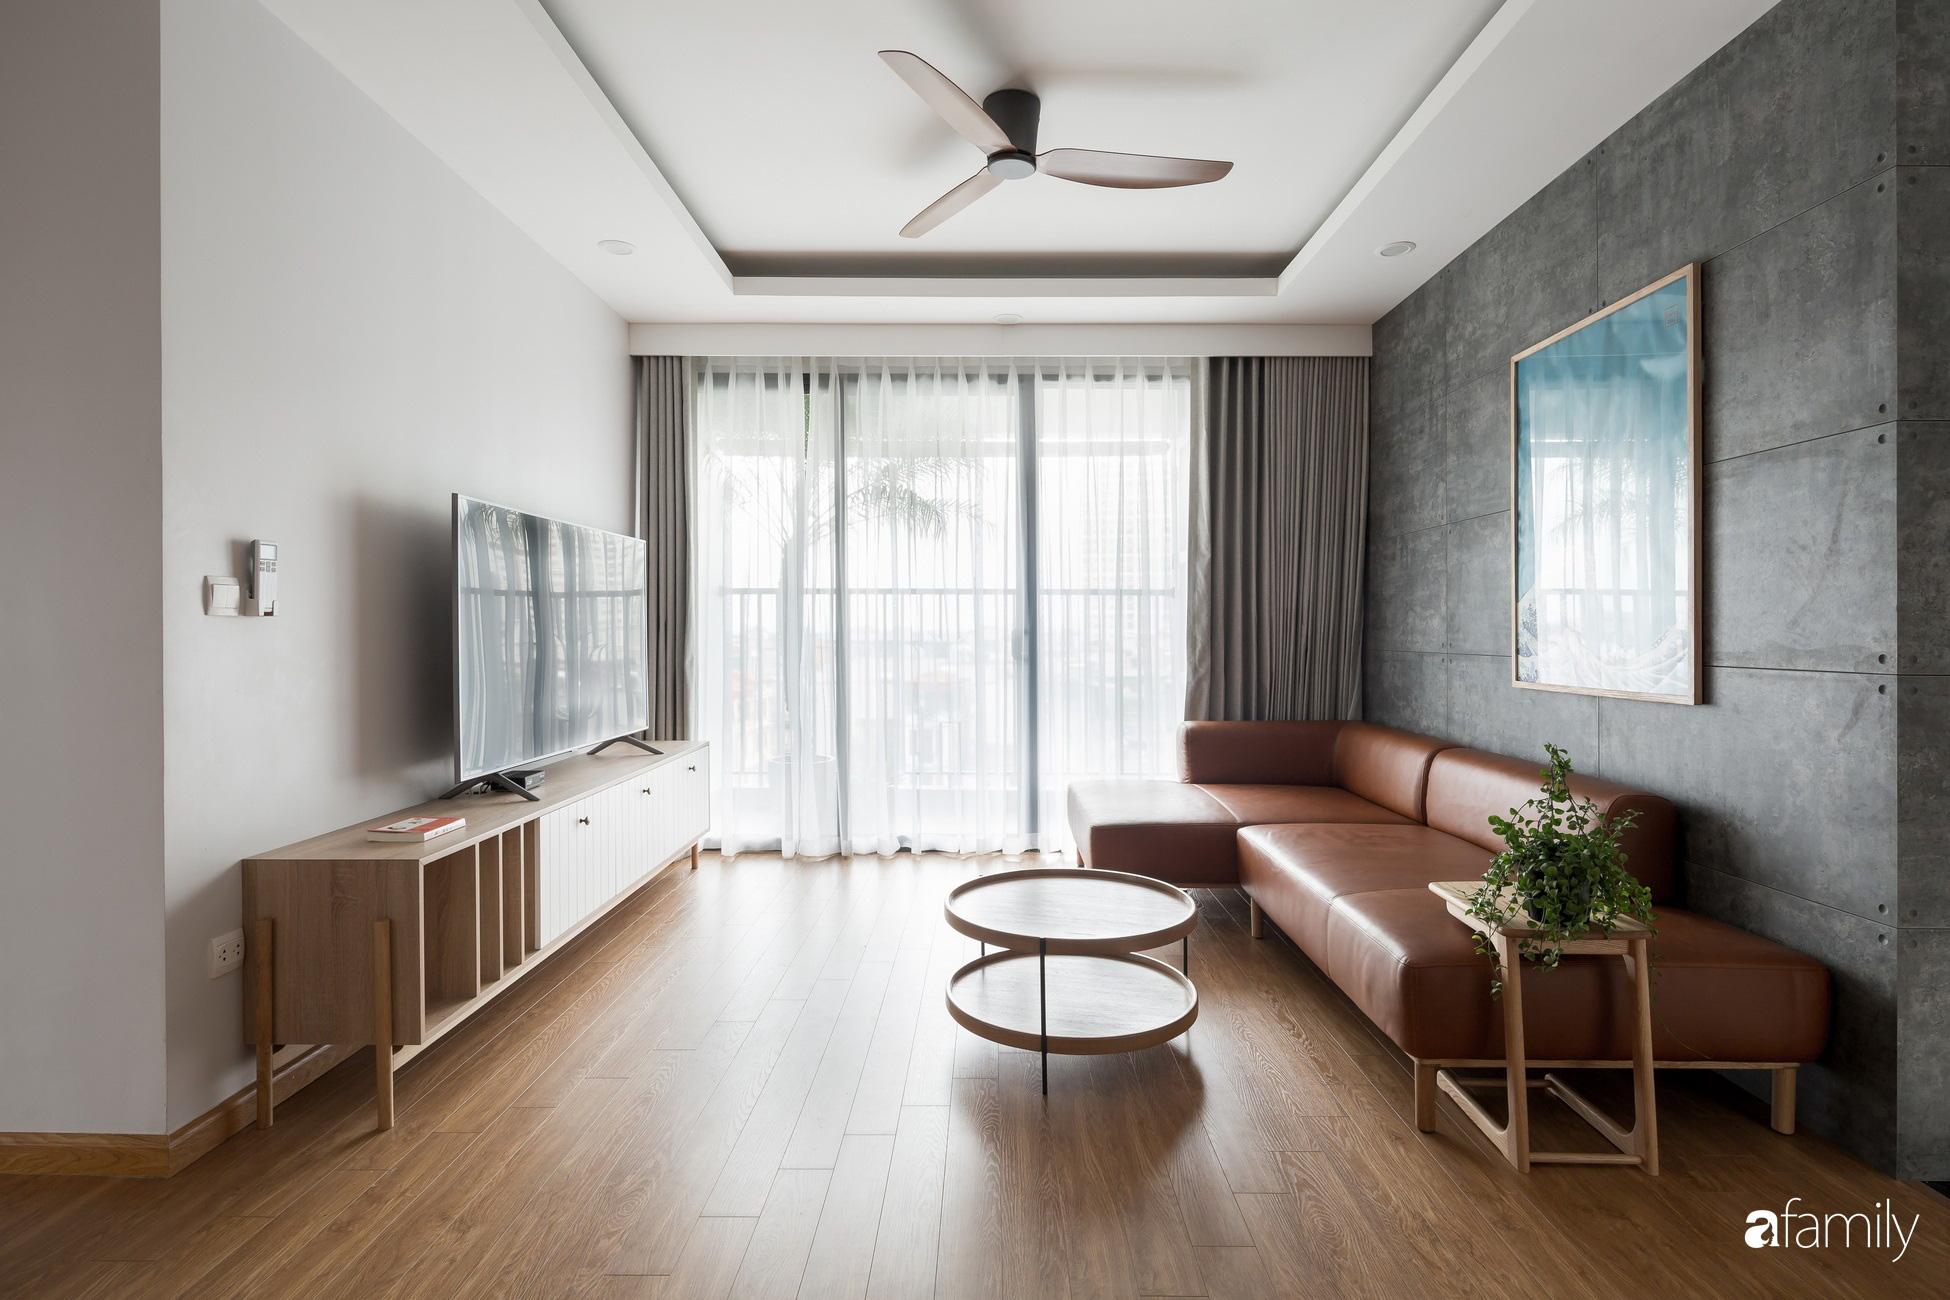 Căn hộ tối giản hút hồn từng mét vuông cho gia đình 6 người ở Minh Khai, Hà Nội - Ảnh 2.